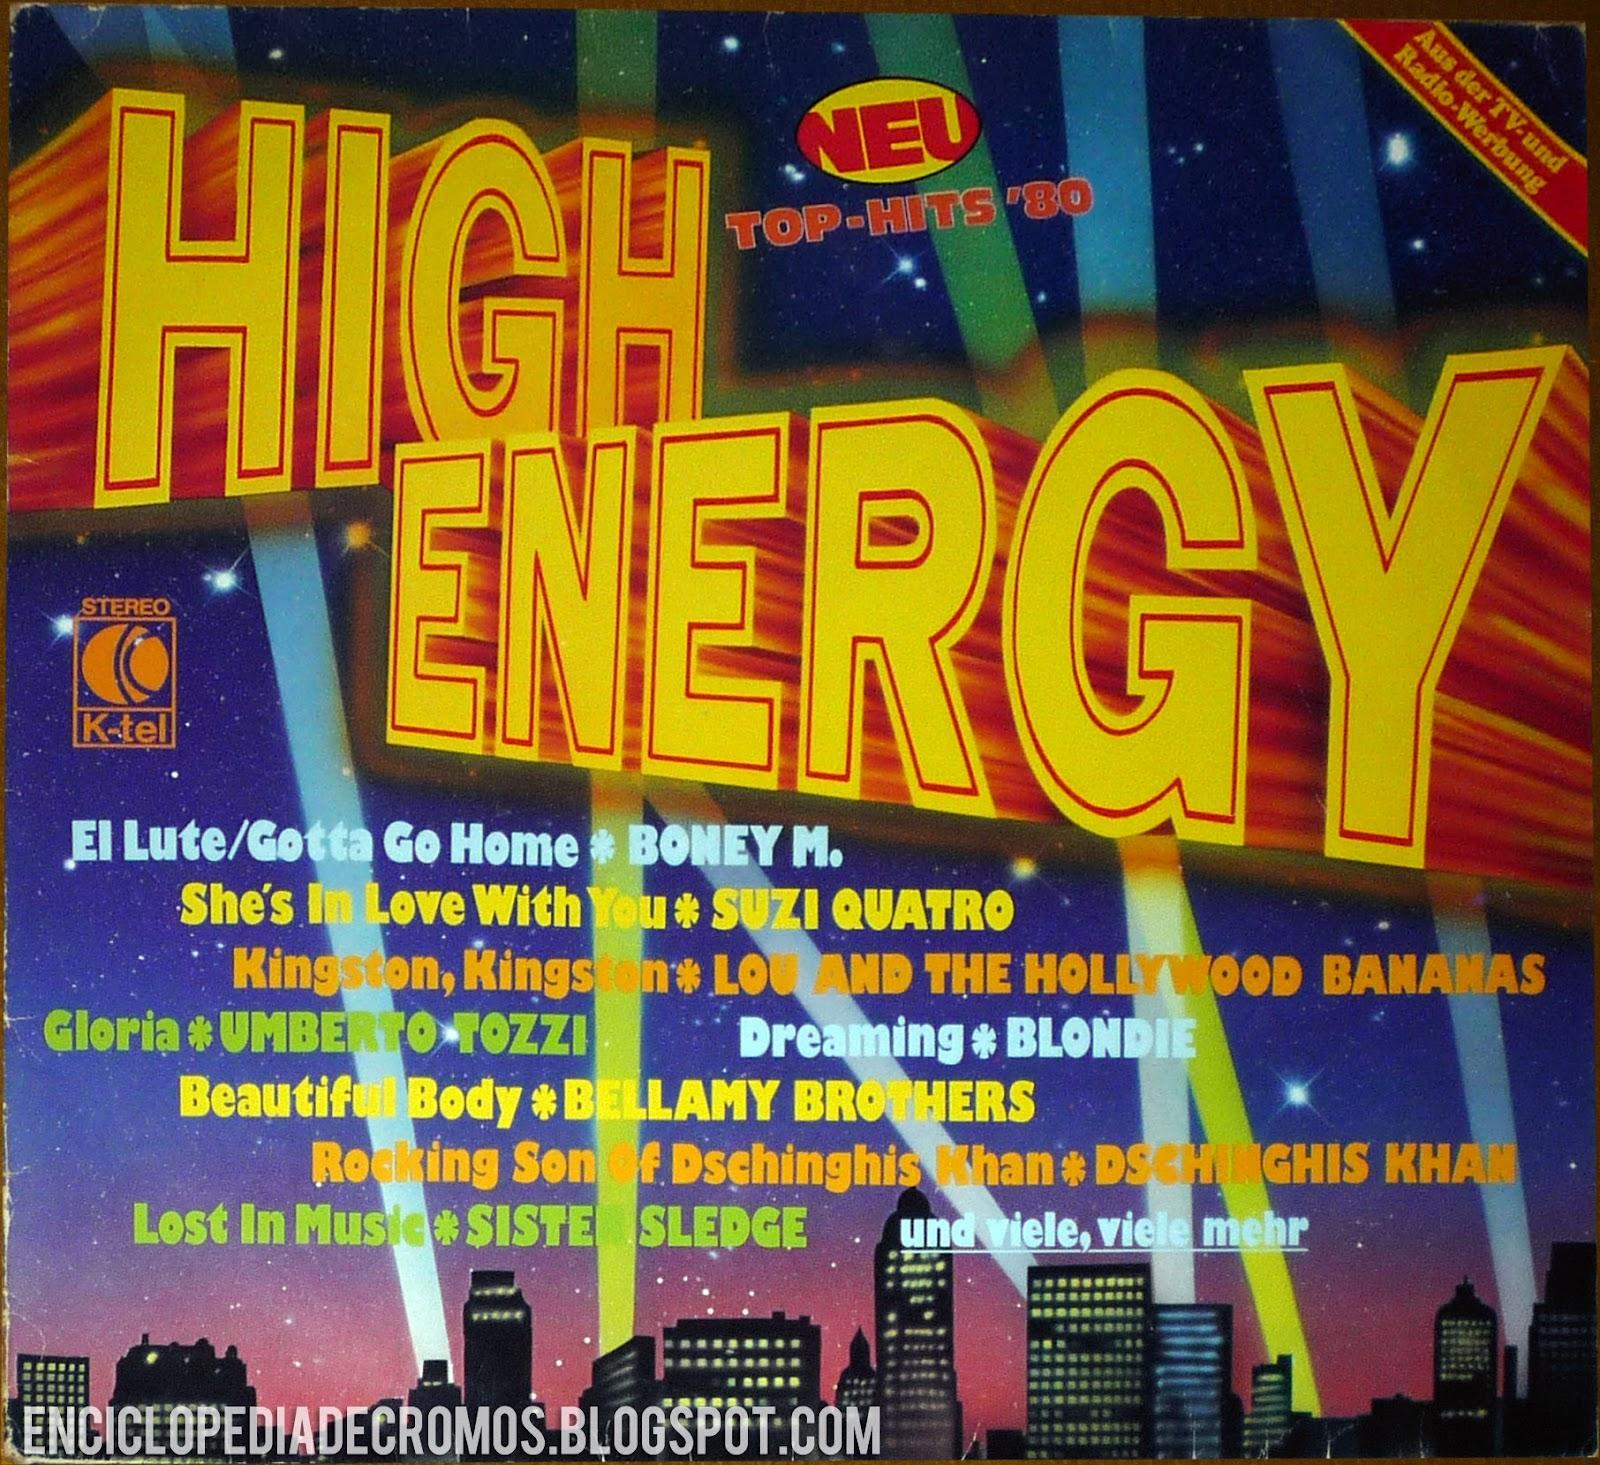 http://4.bp.blogspot.com/-uWwwHAcGly8/UF7bDWLpqqI/AAAAAAAANd4/yQqSEJvYgjw/s1600/highenergyenciclopediadecromos01.jpg